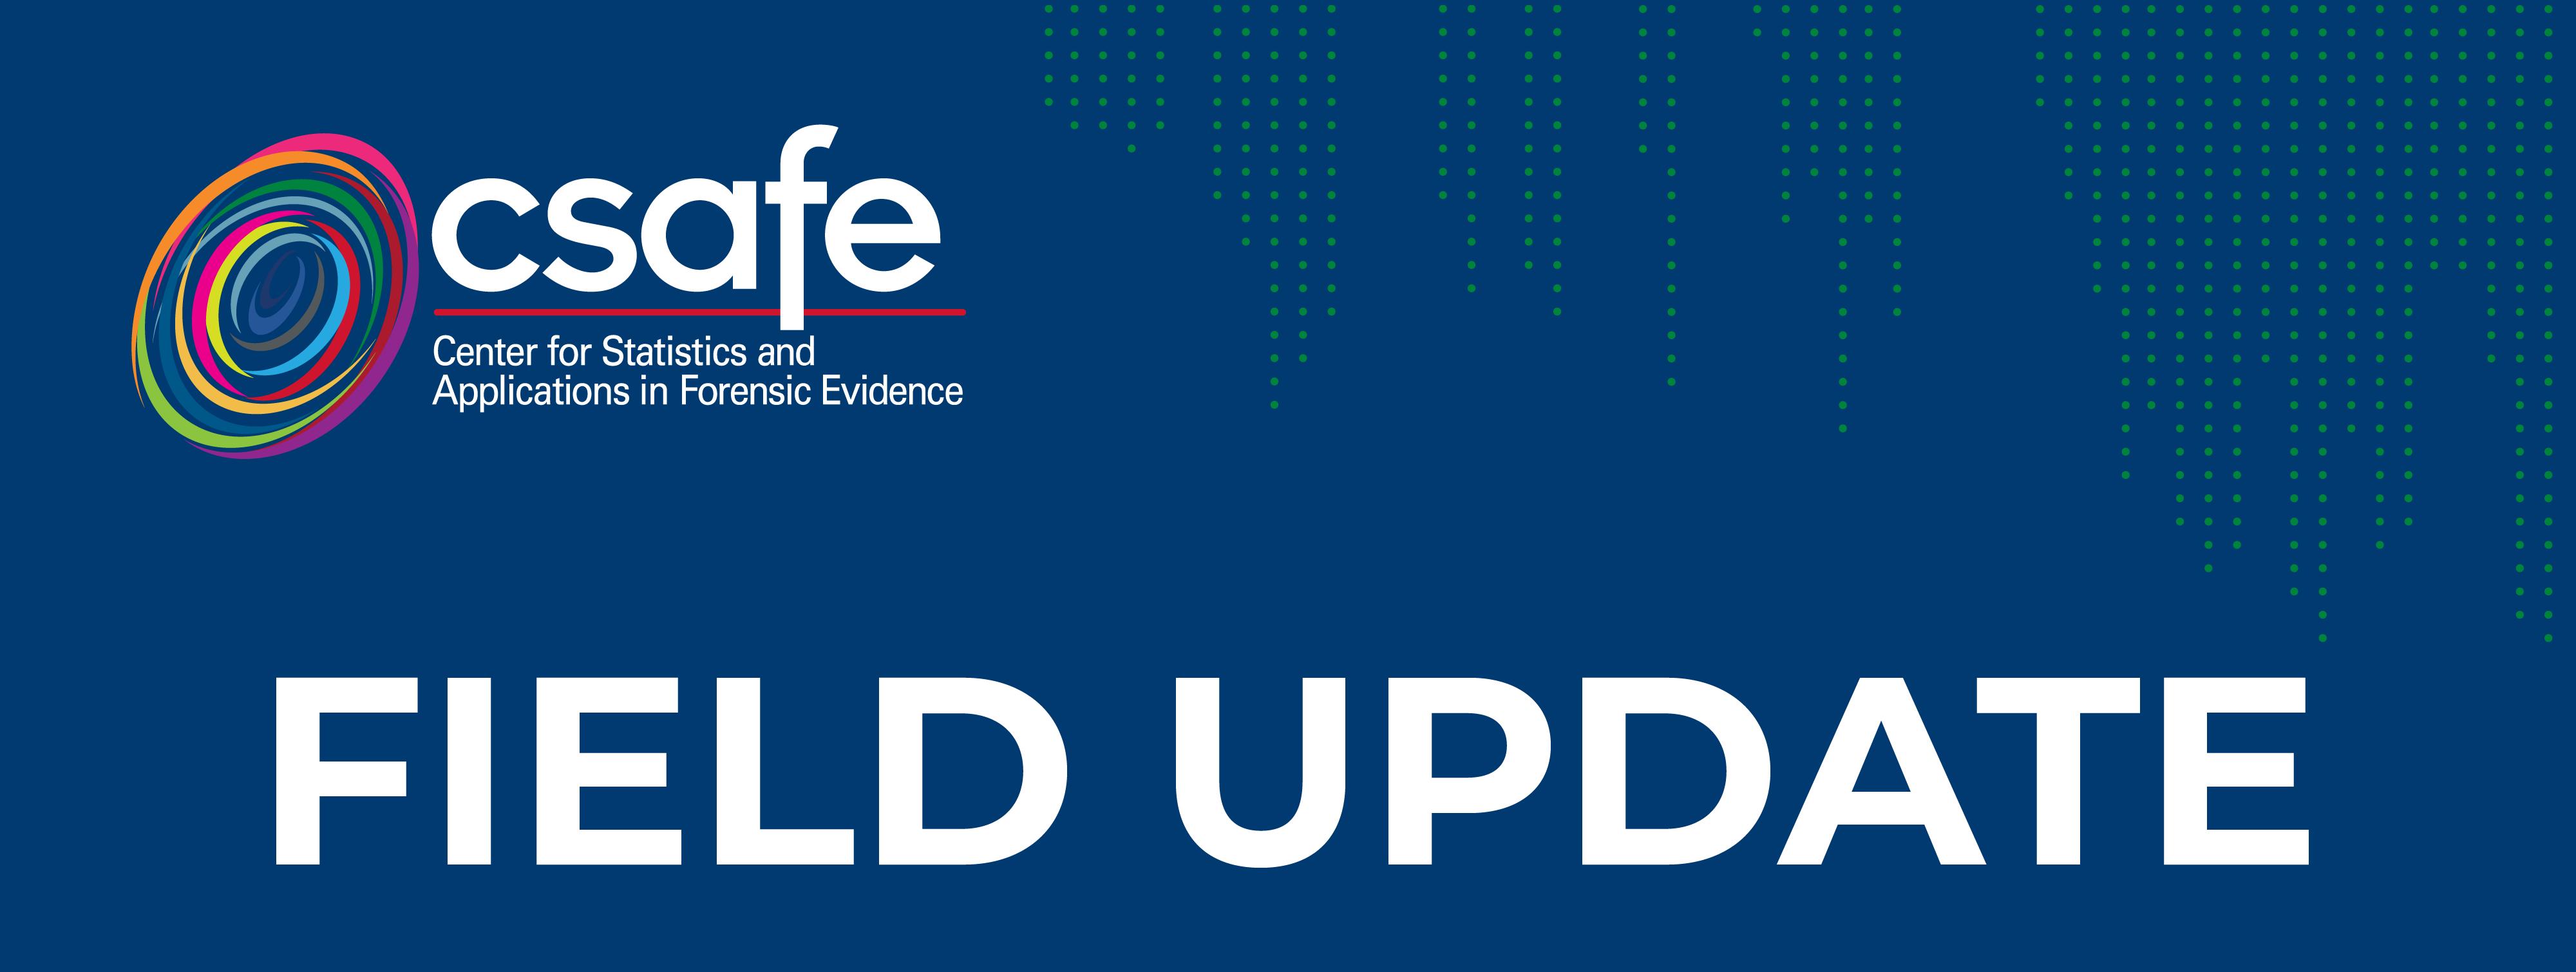 CSAFE 2021 Field Update